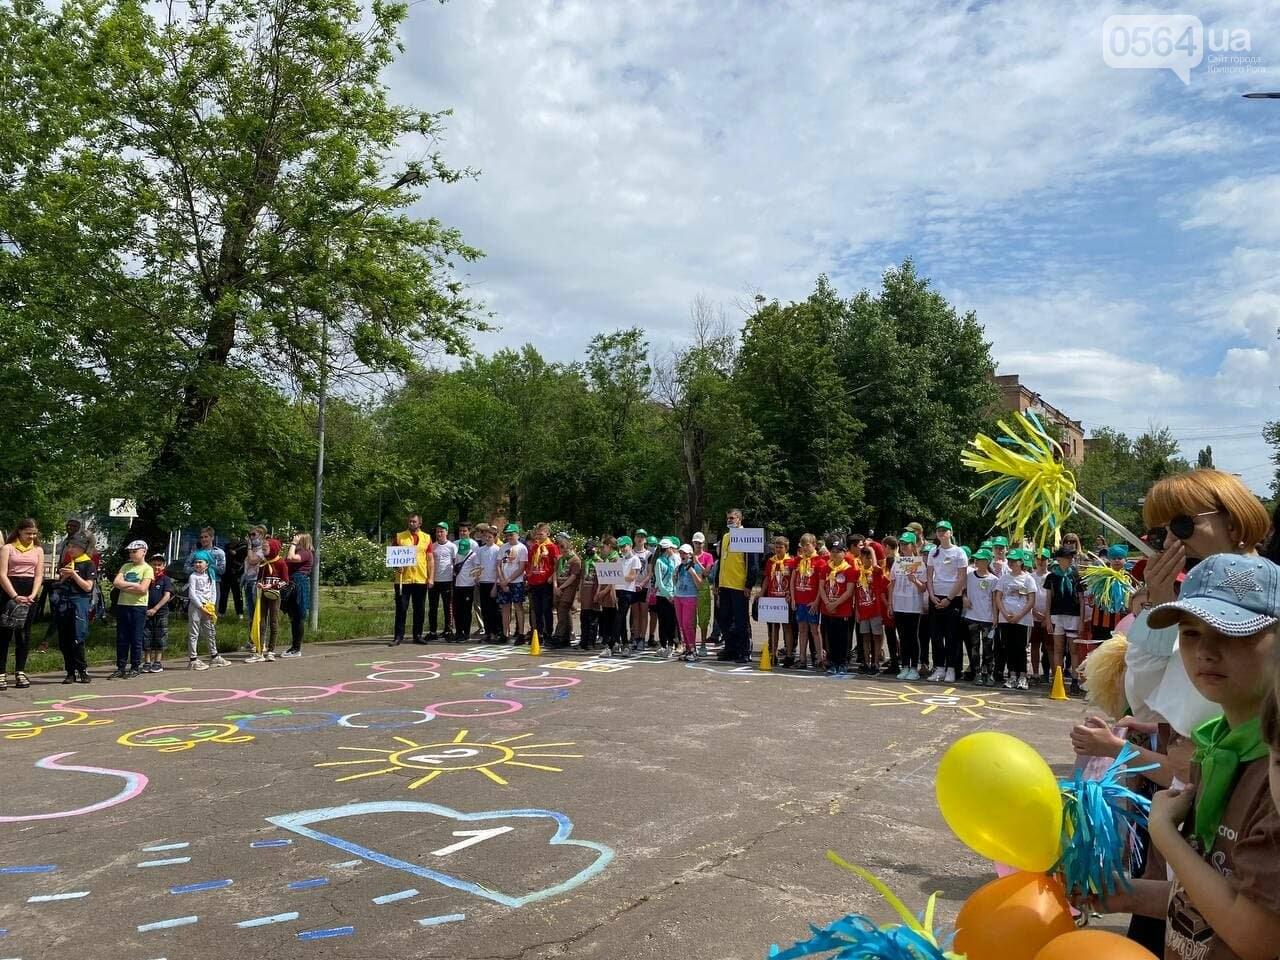 В Кривом Роге для детей провели спартакиаду, - ФОТО, ВИДЕО  , фото-27